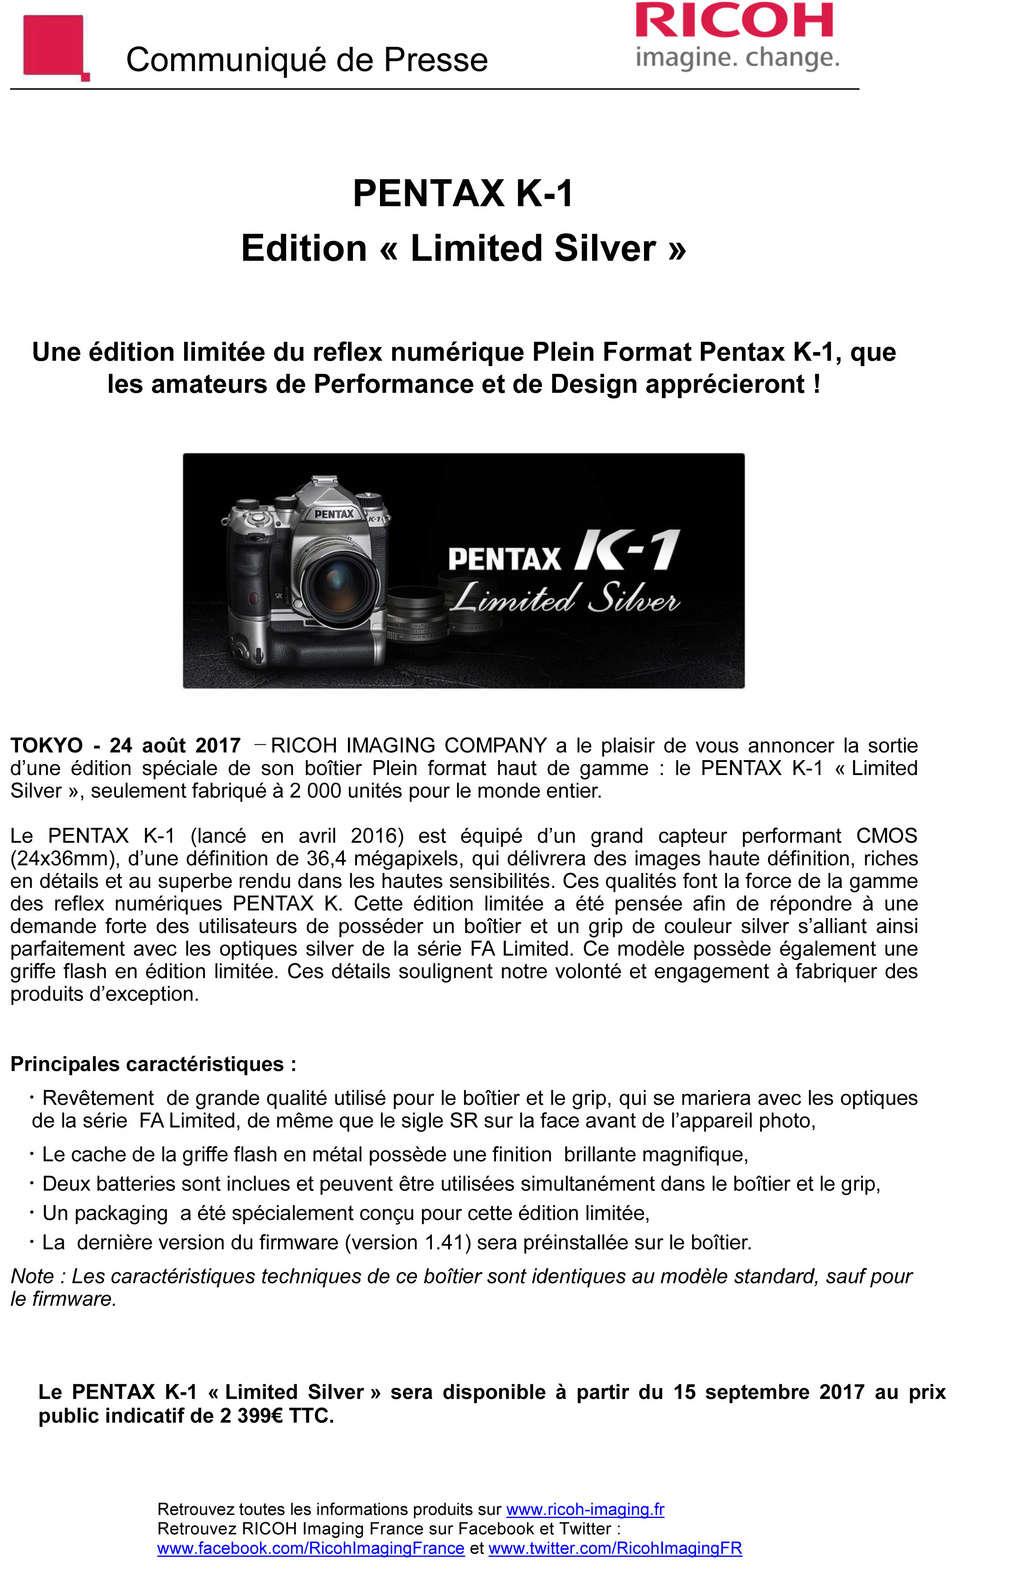 PENTAX RICOH IMAGING - Communiqué de Presse 24/08/2017 - K-1 Edition  Limited Silver Cp_ric10